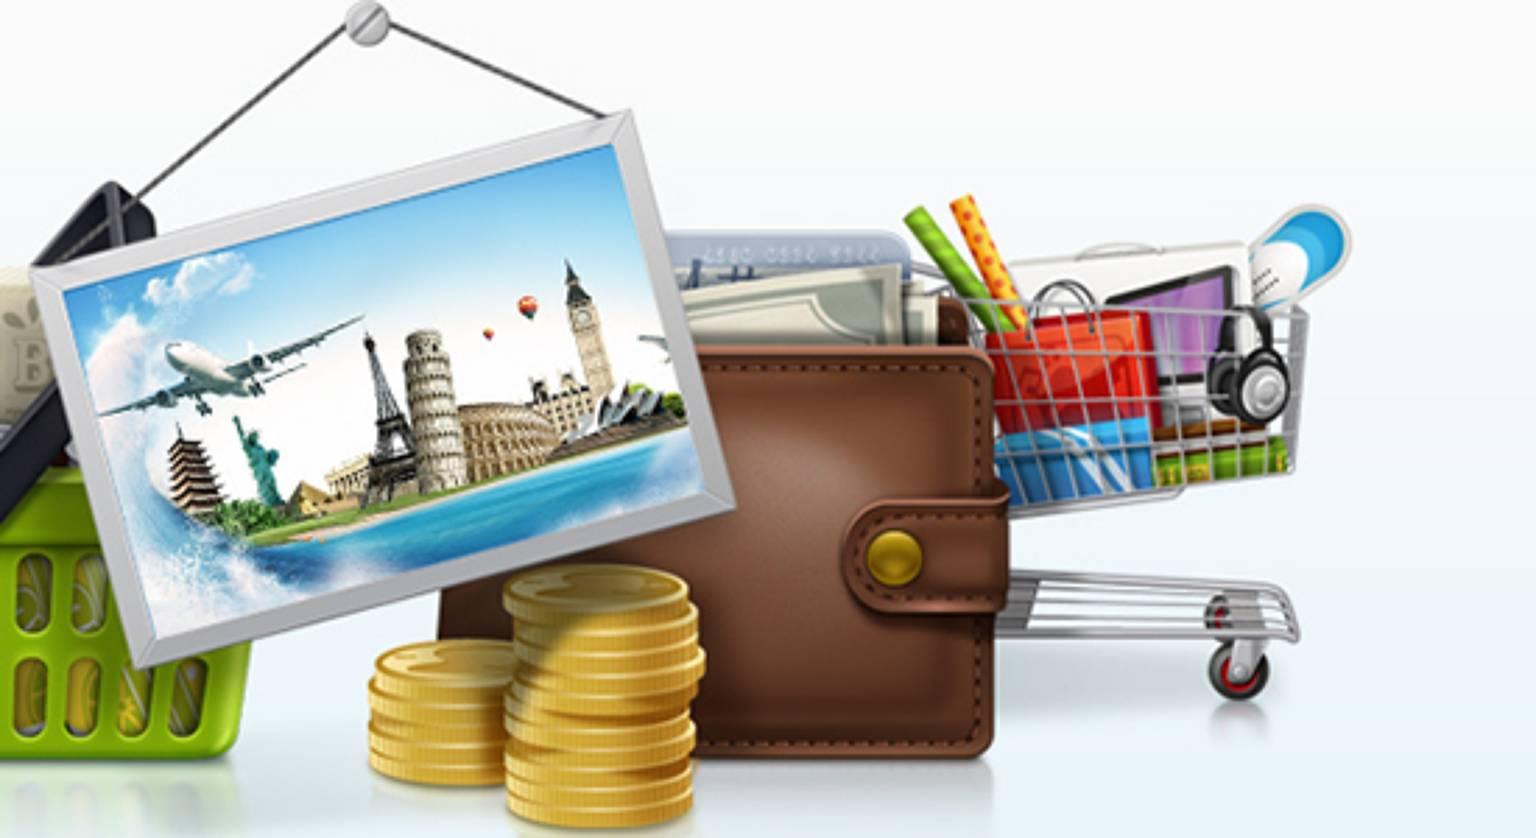 Взять кредит чтобы закрыть другие кредиты сколько действует арест счета судебными приставами